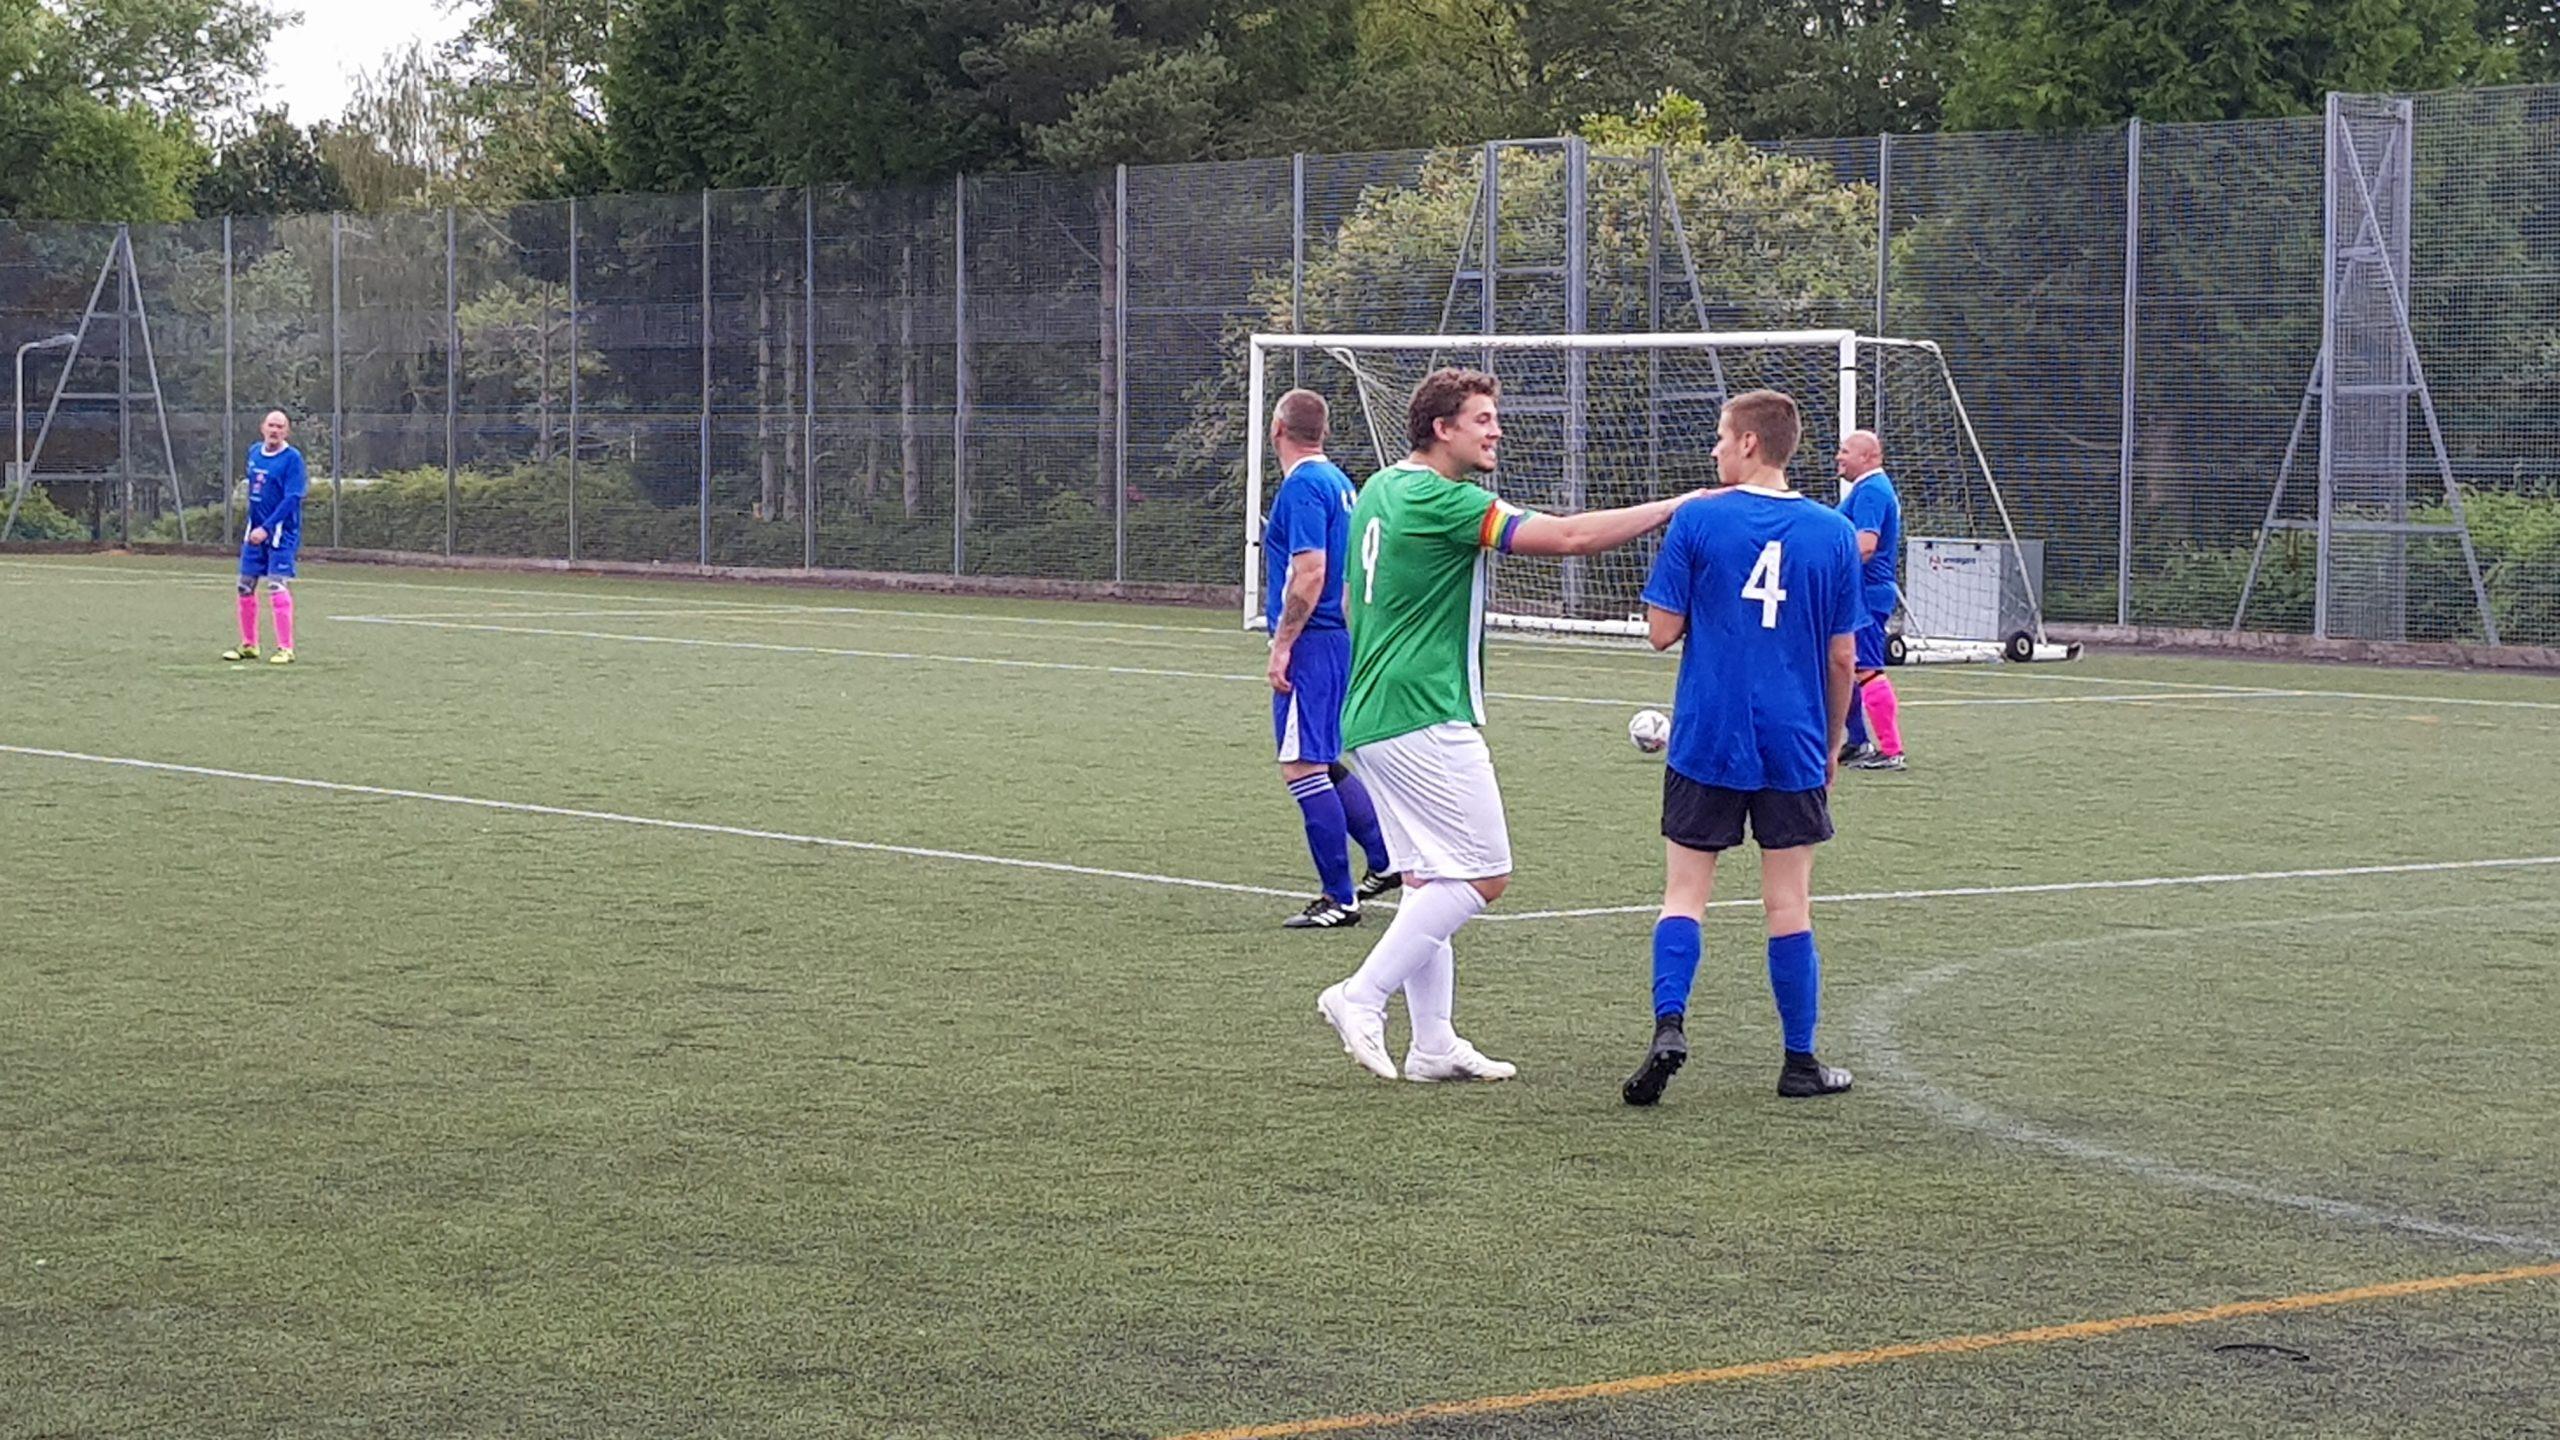 Heaton-Charity-match-5